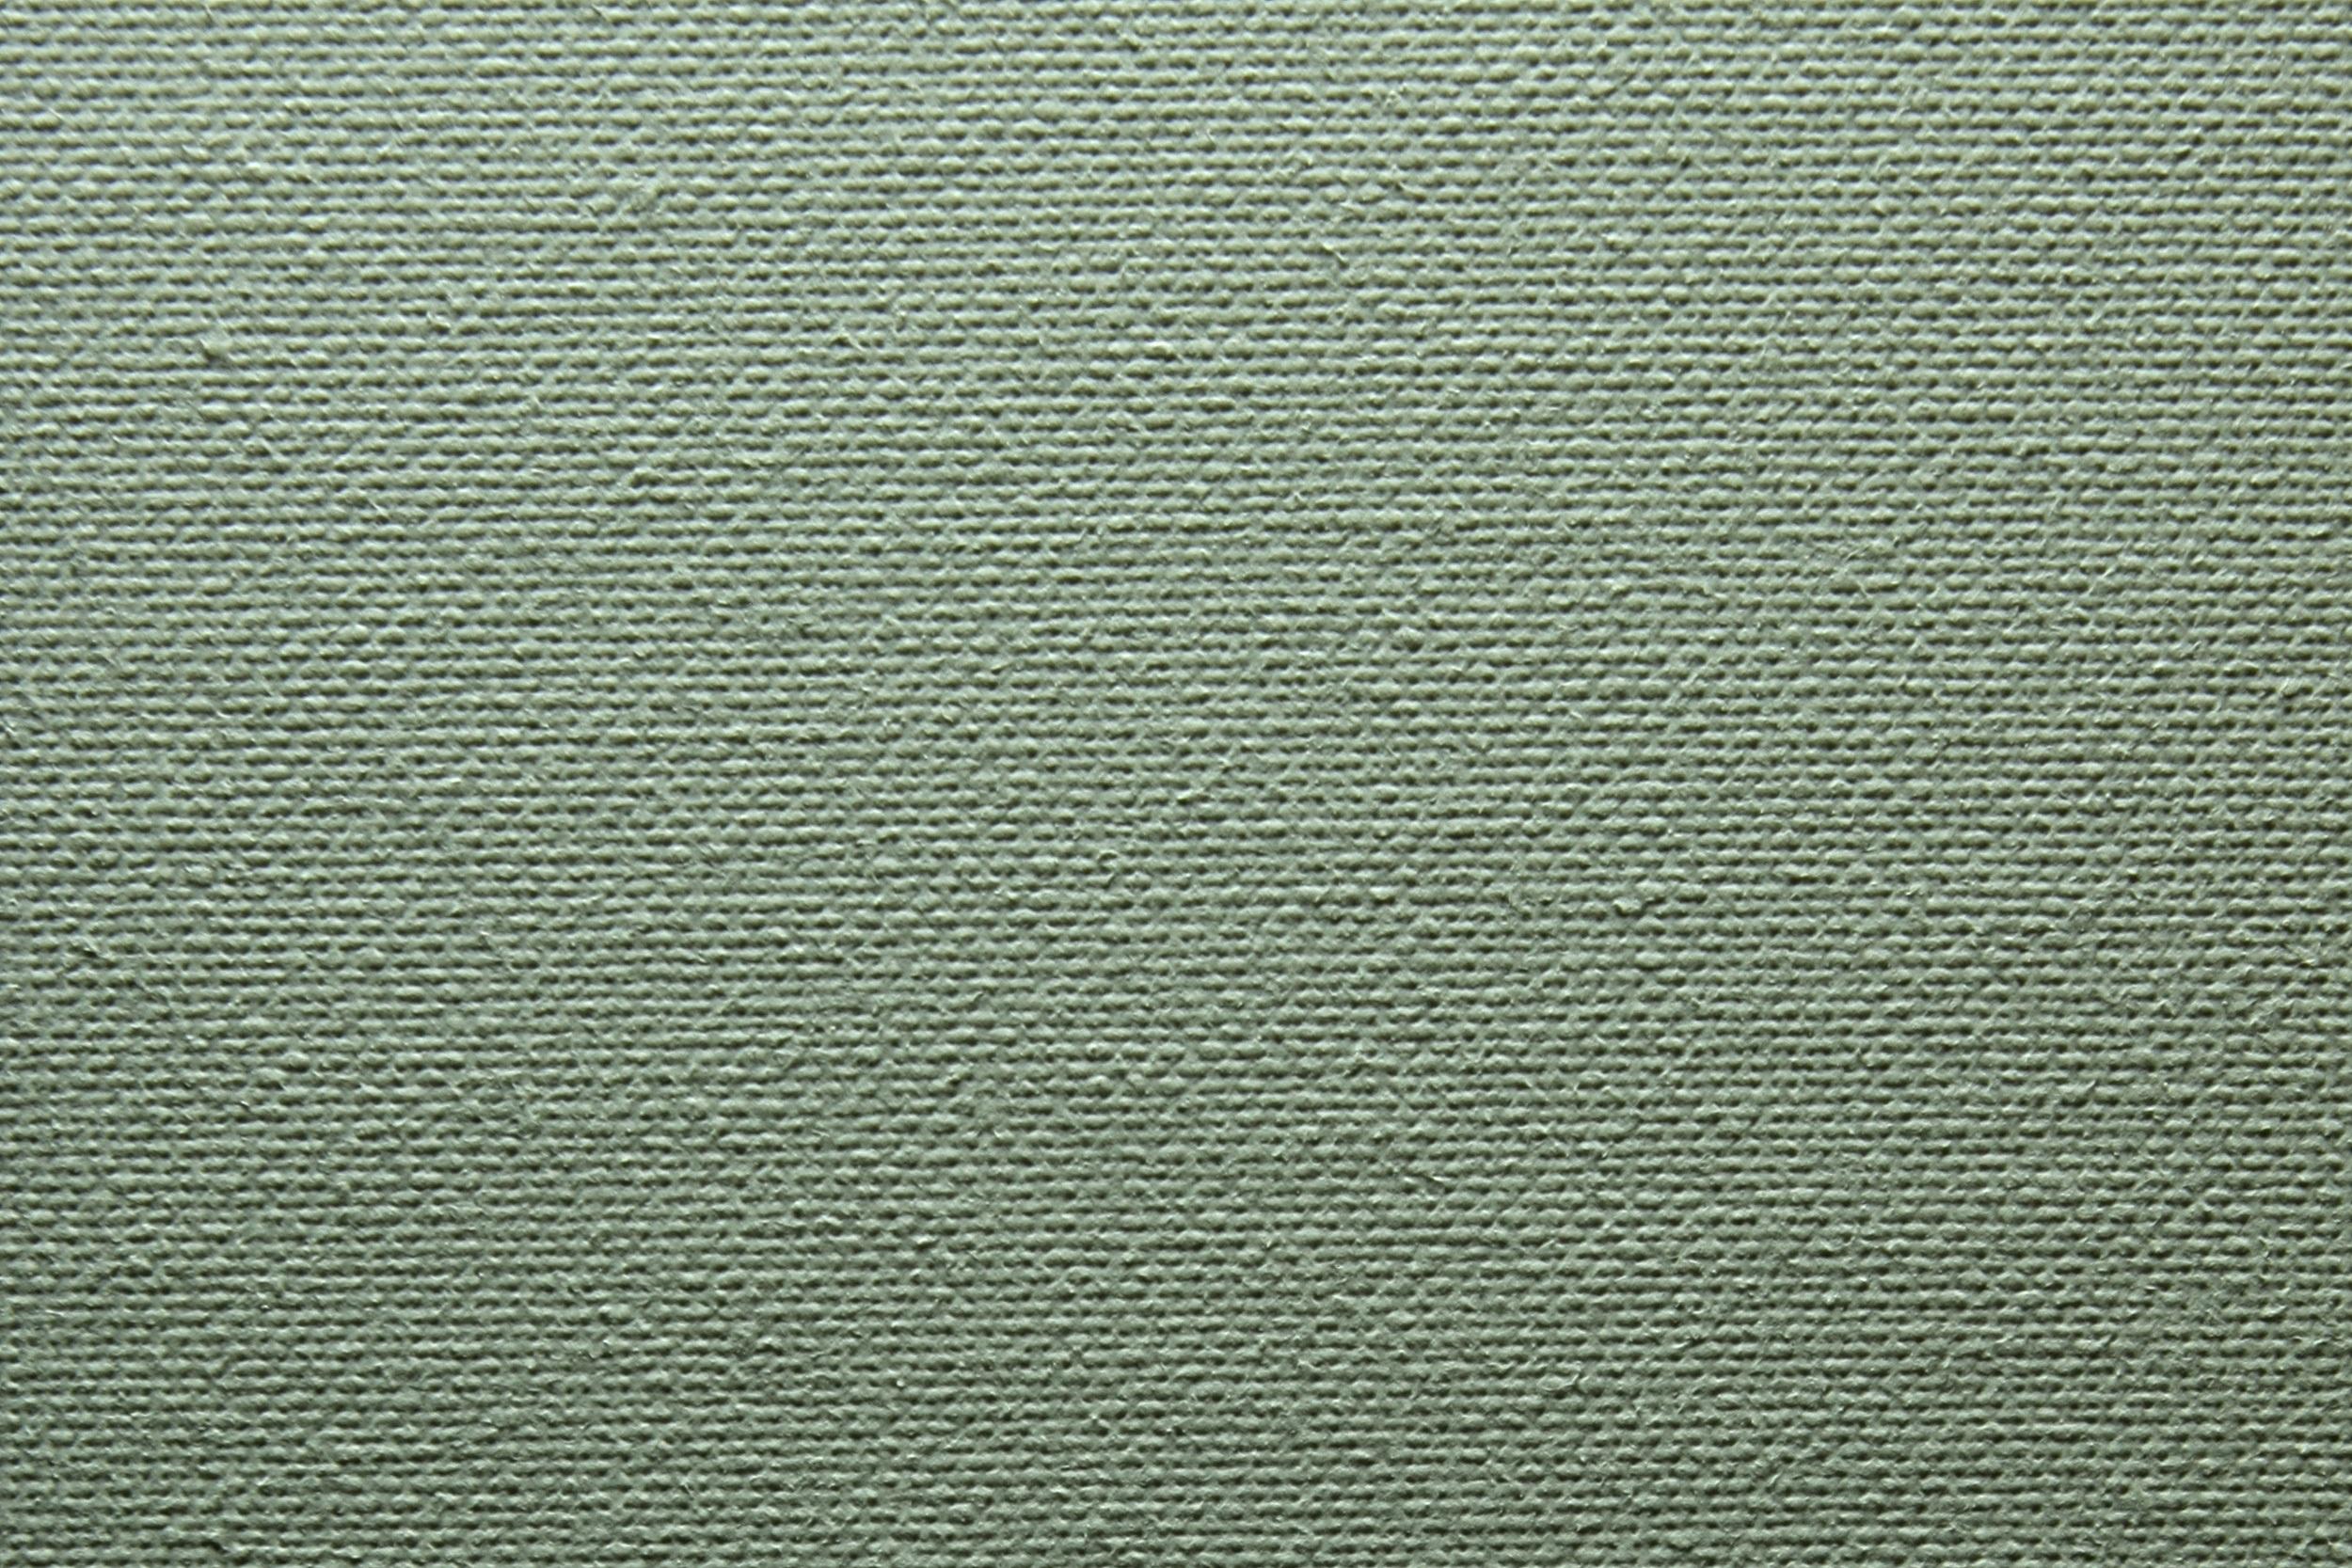 Behang Oud Groen.Gratis Afbeeldingen Structuur Verdieping Patroon Materiaal